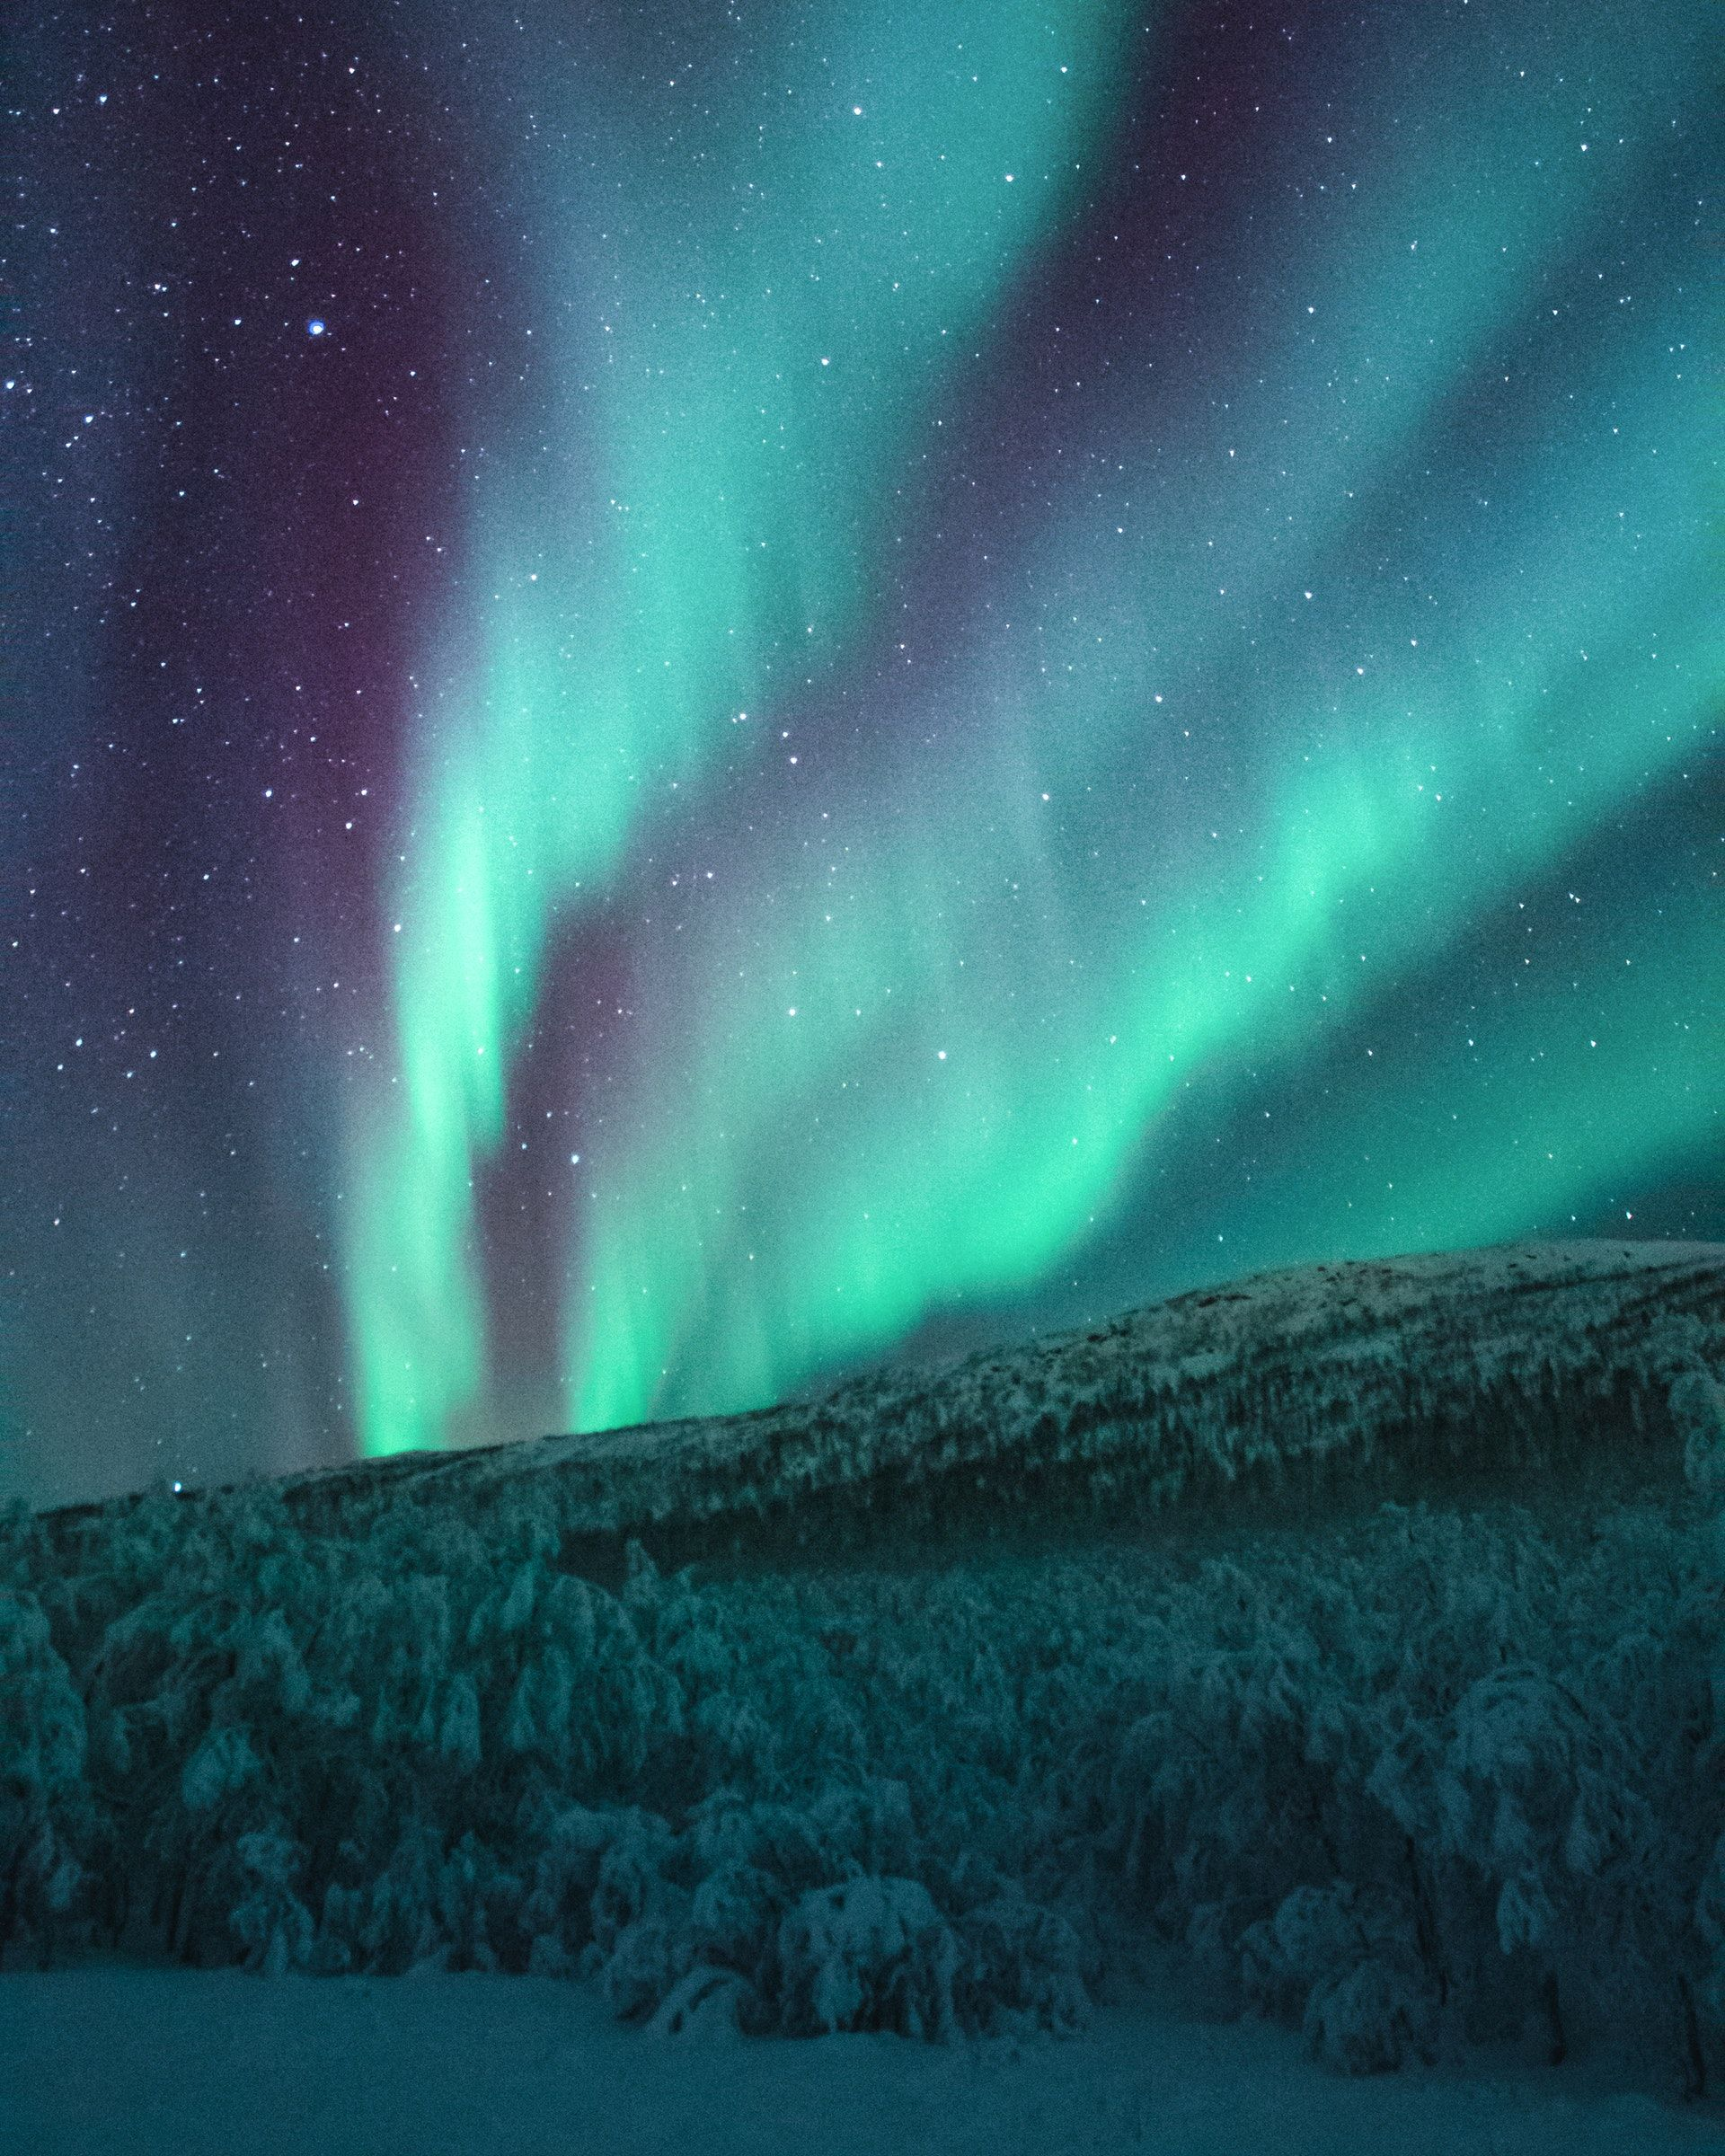 عکس زمینه نور شفق قطبی پس زمینه